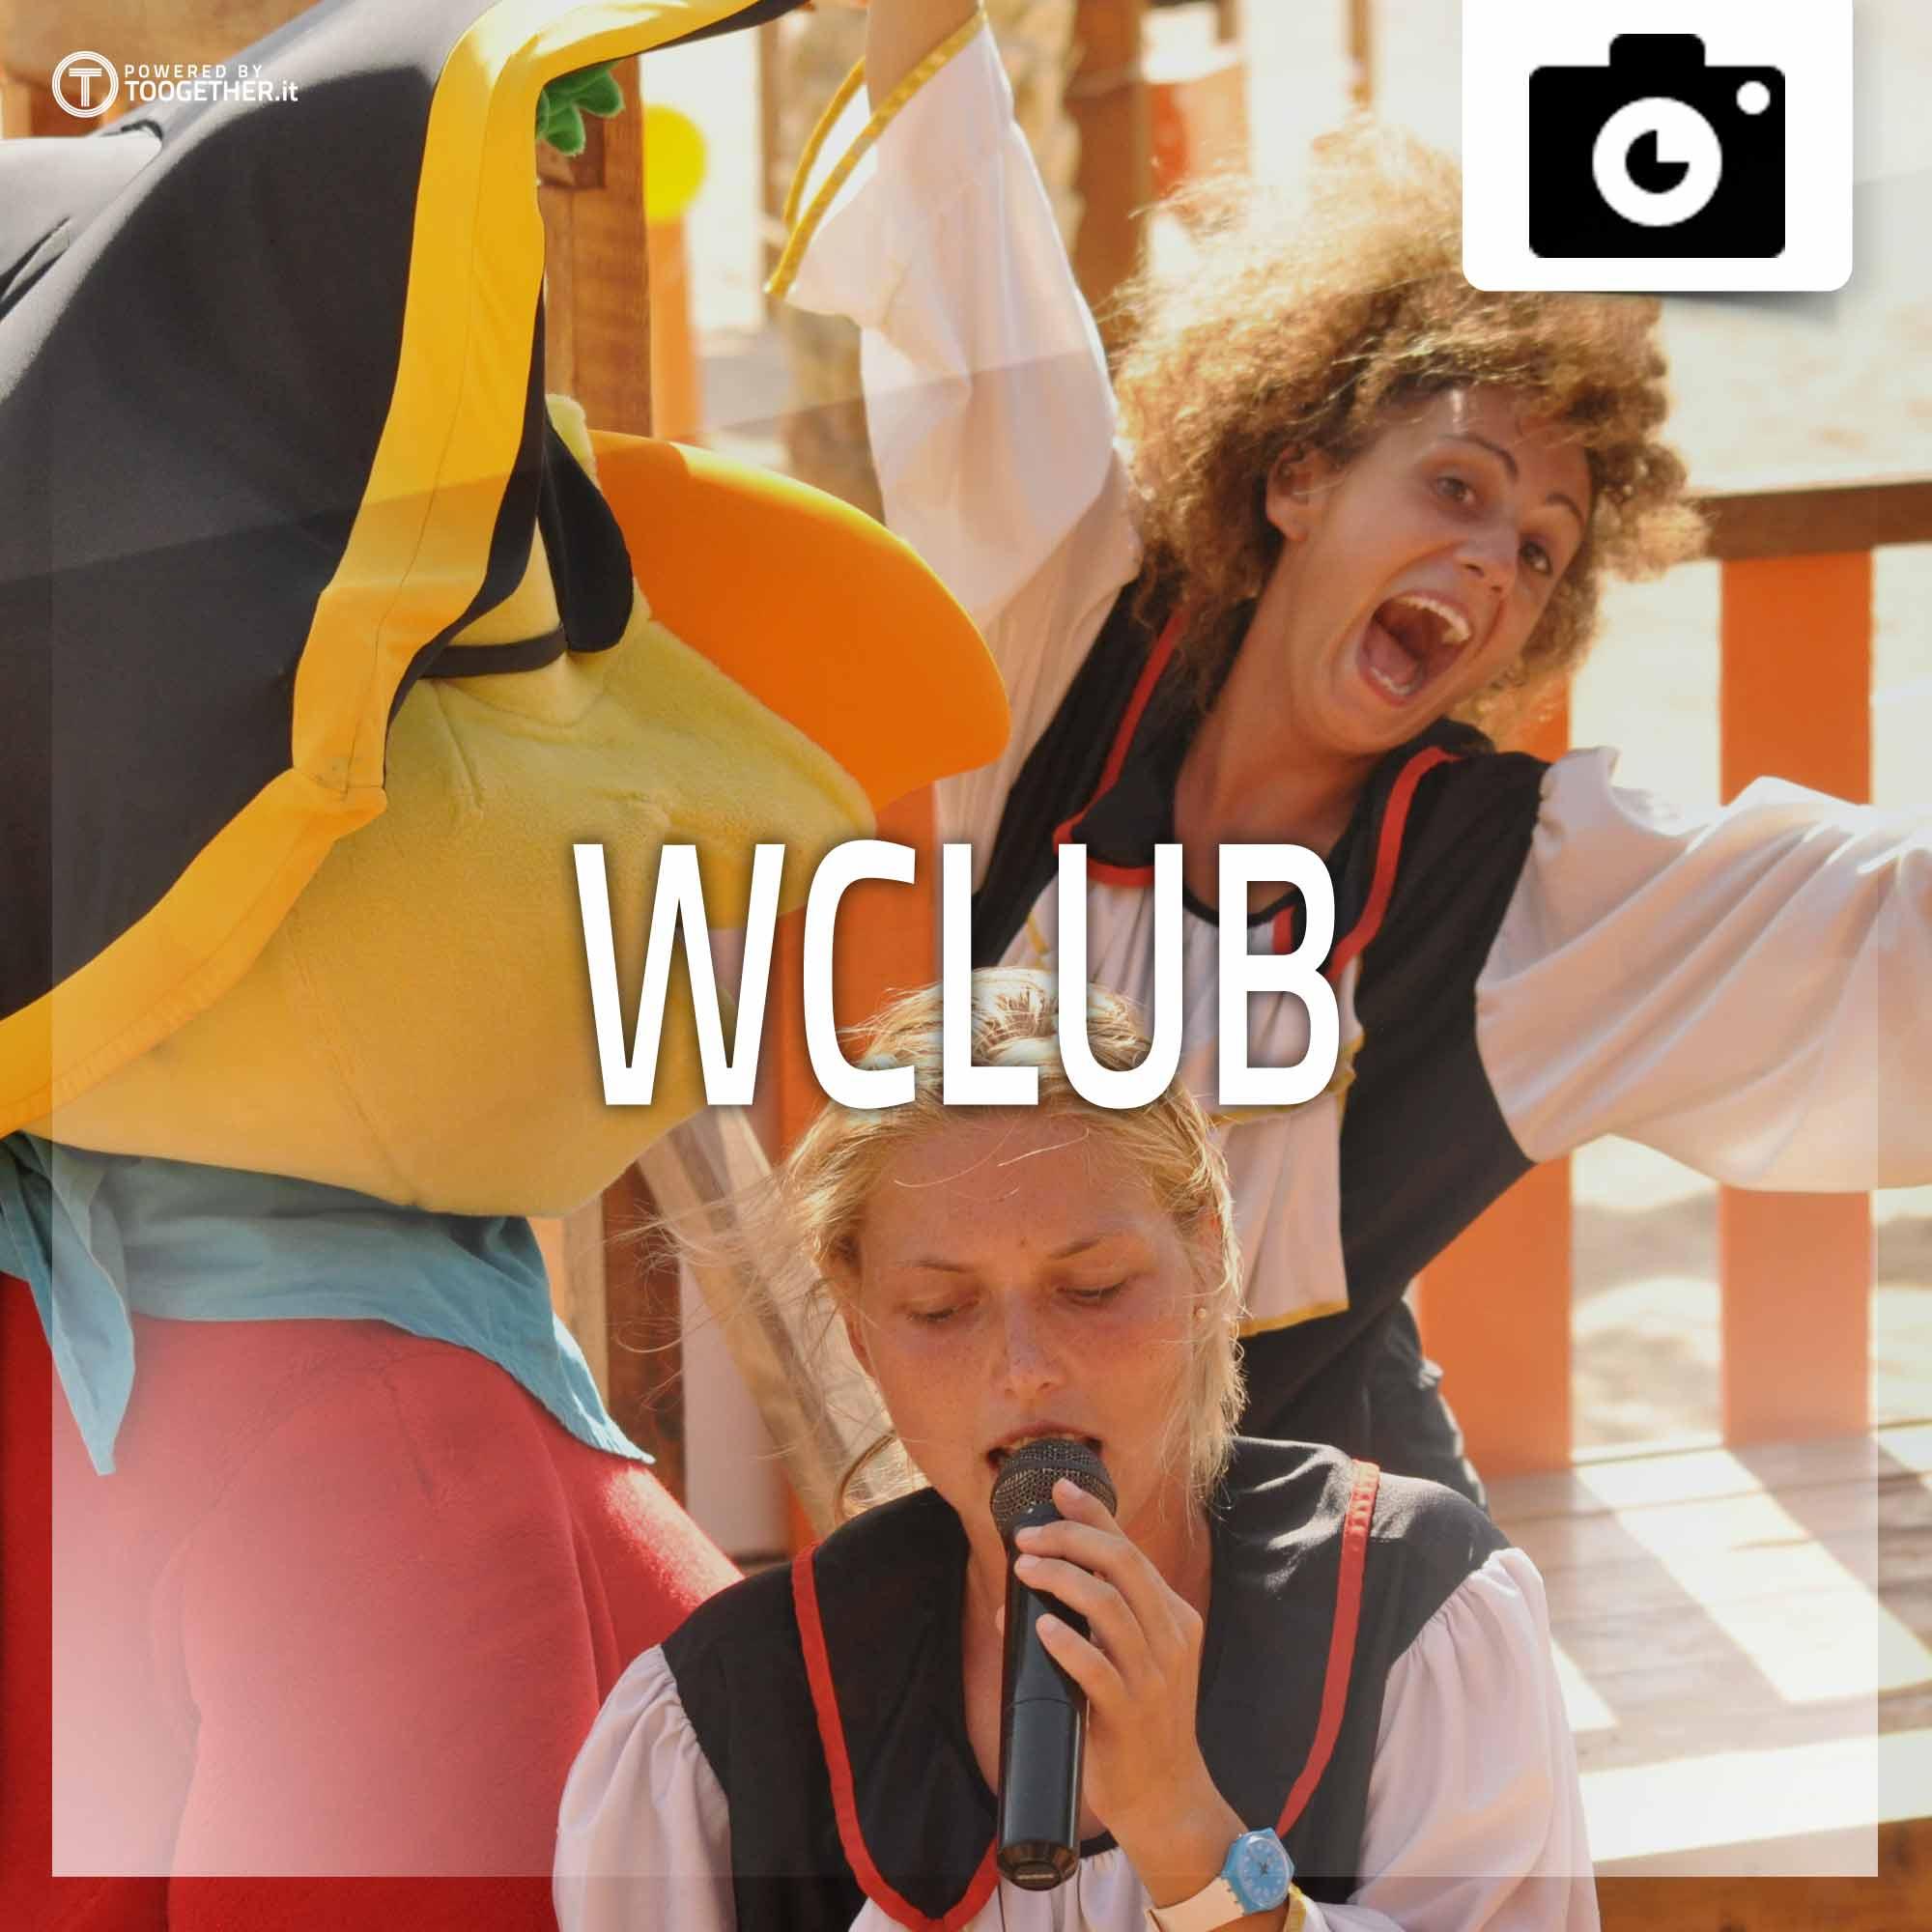 WCLUB_photo